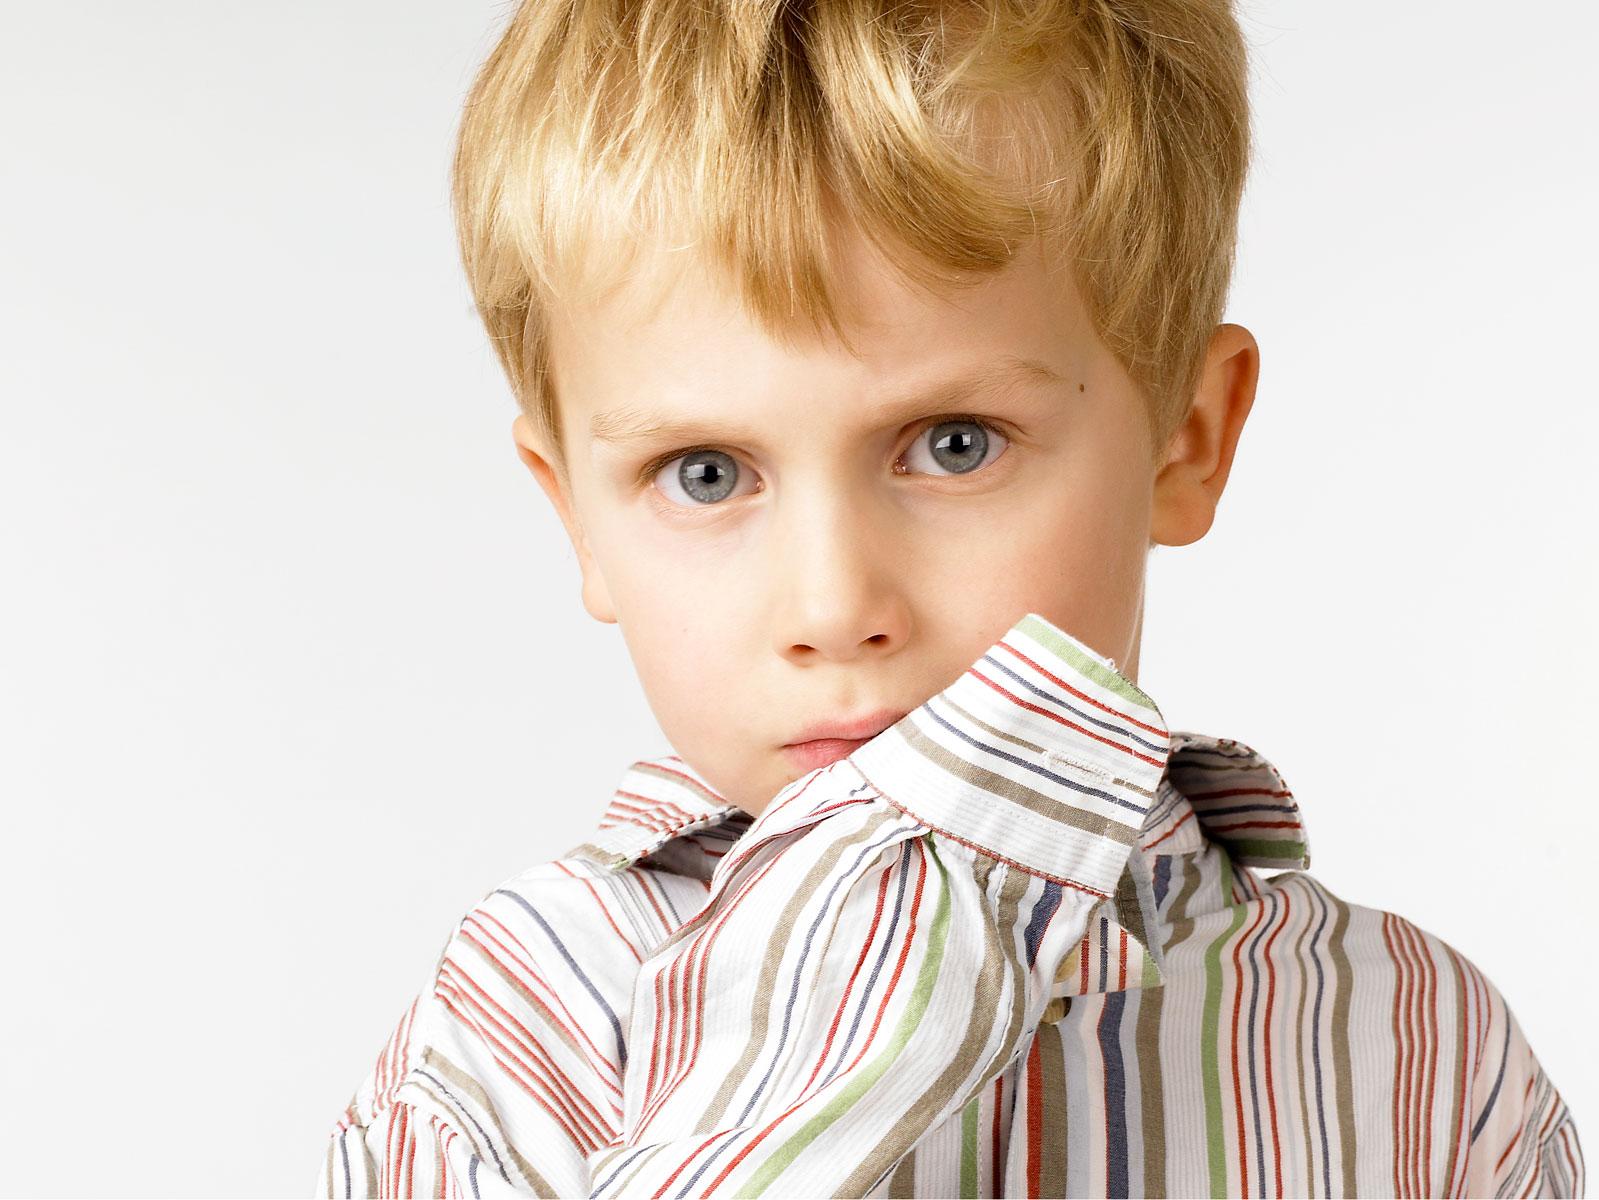 Kinder-Portraits sind Momentaufnahme und Zeitdokument zugleich.